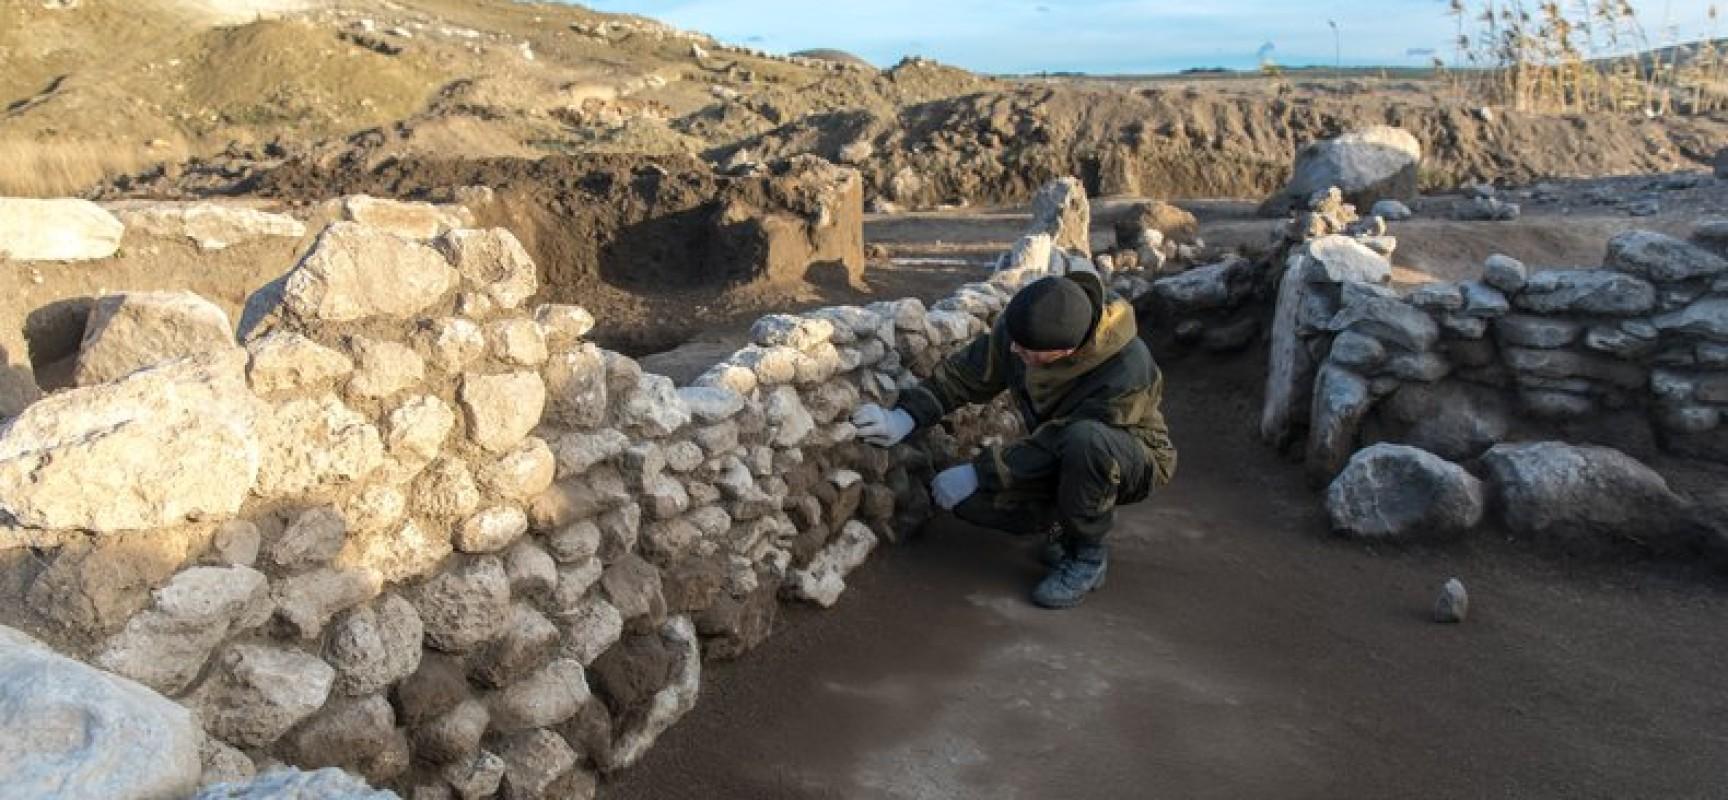 Около Керчи проходят масштабные археологические исследования территории